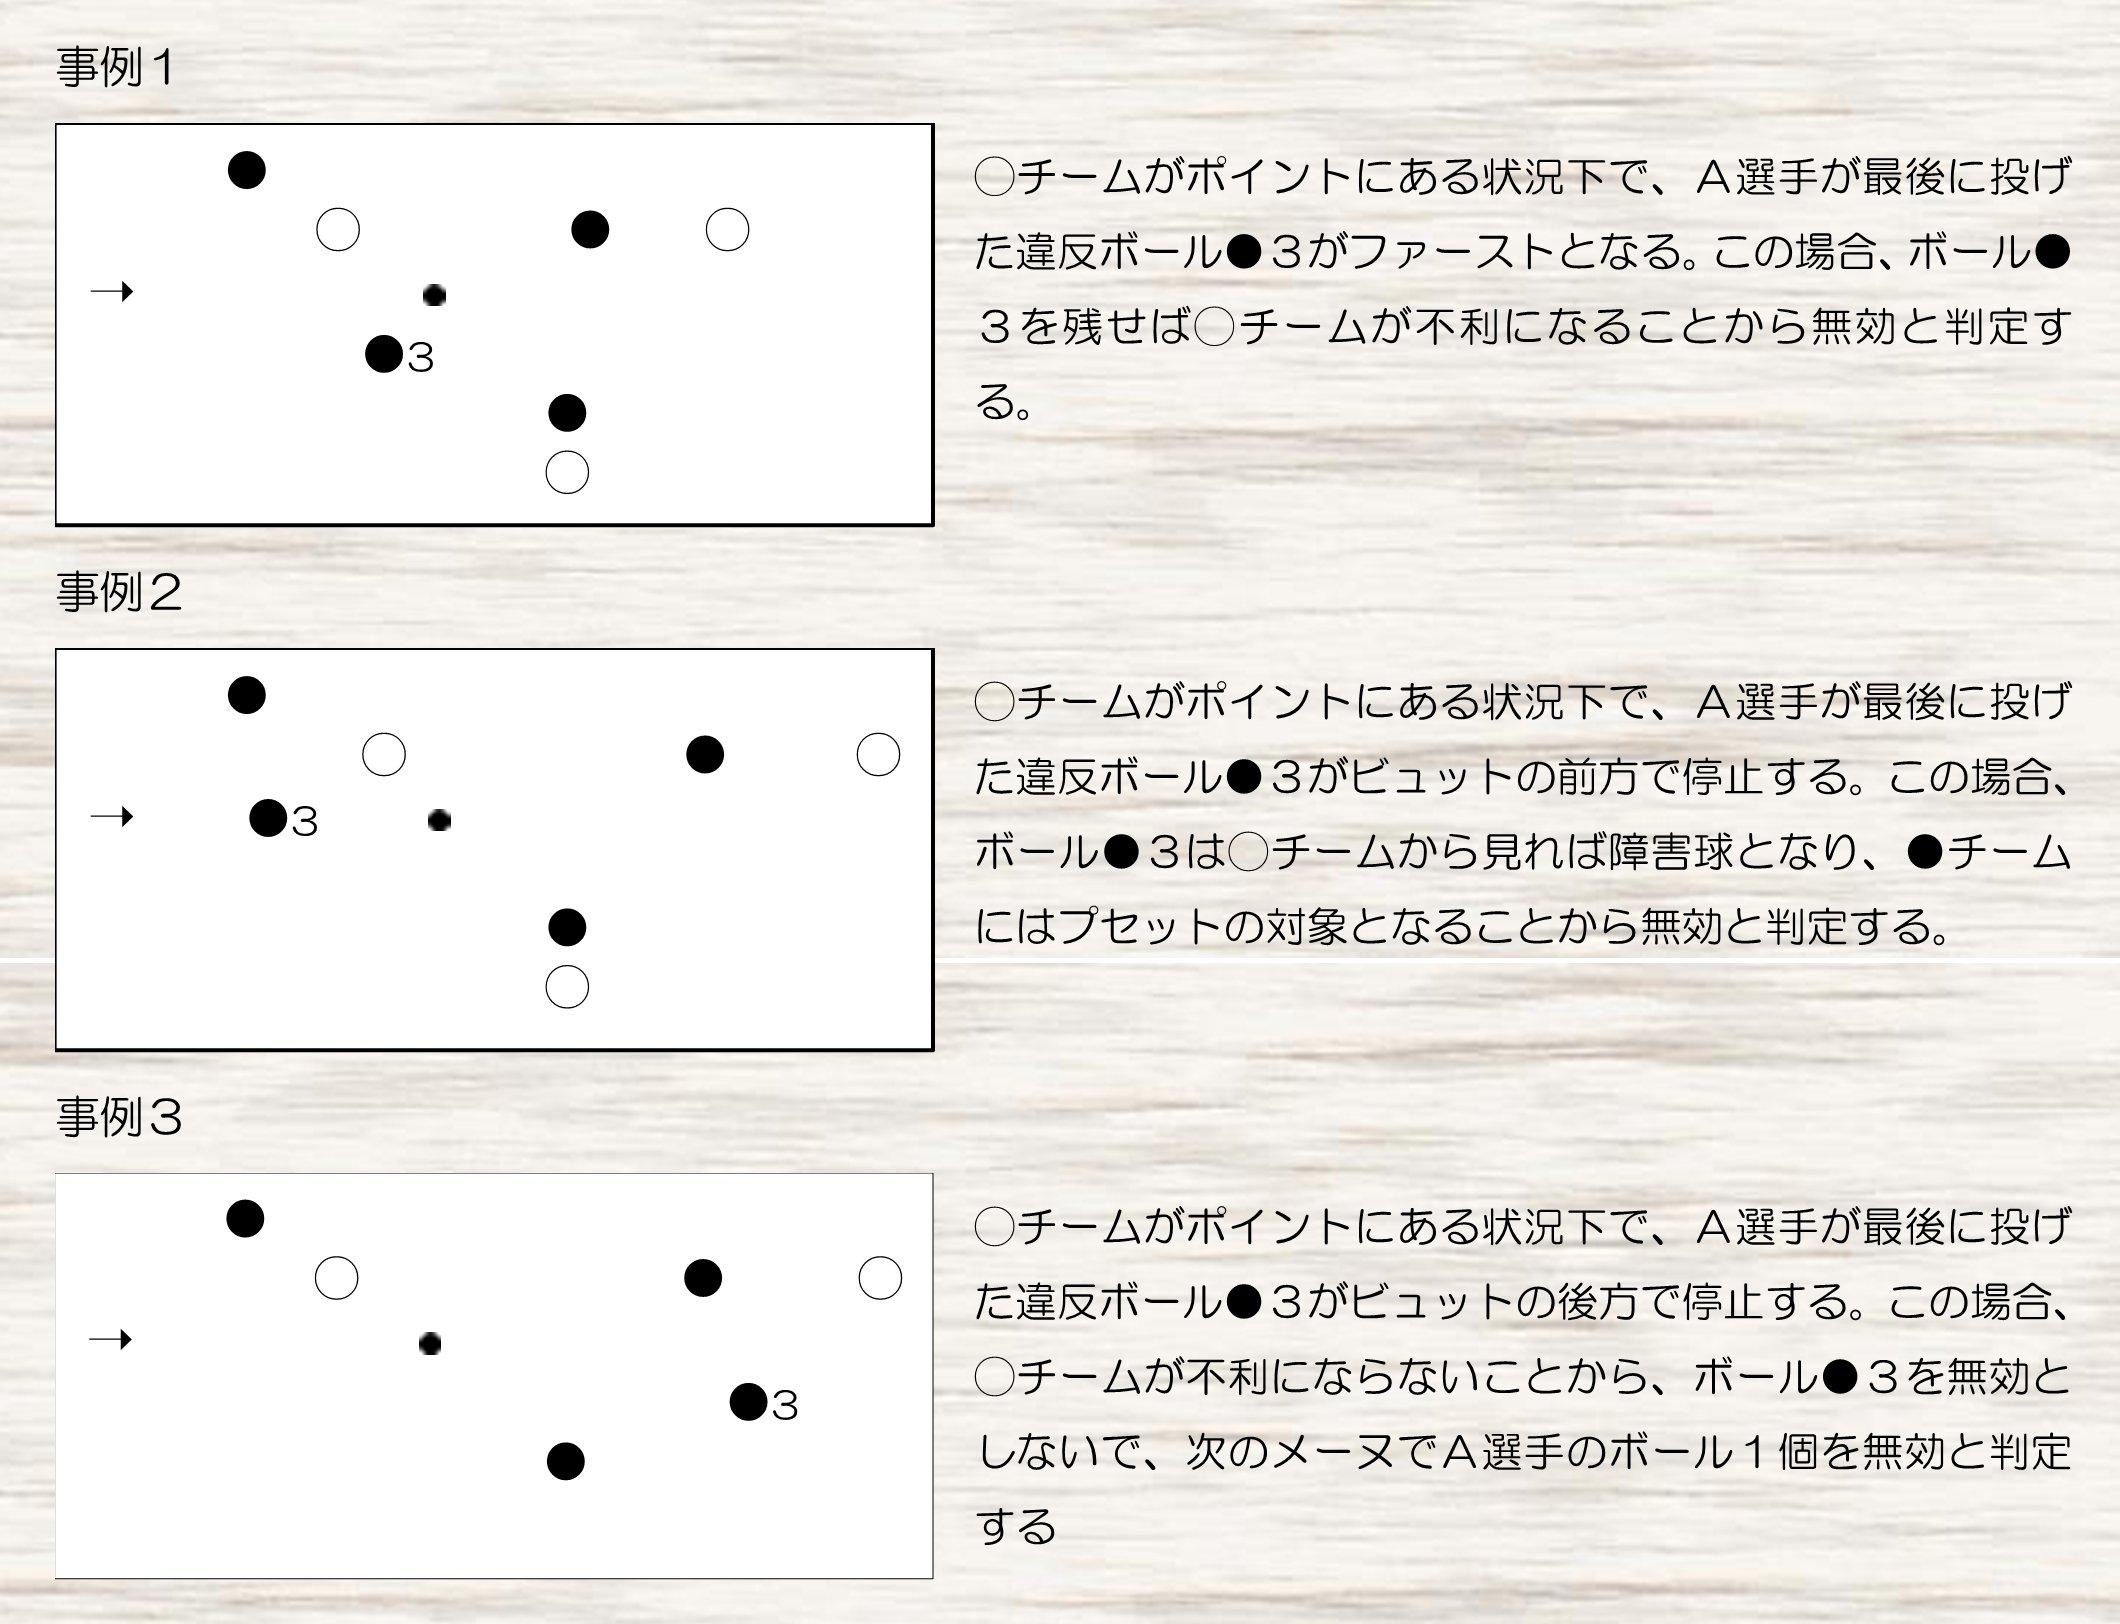 ペタンク四方山話 (その23)2-2page1